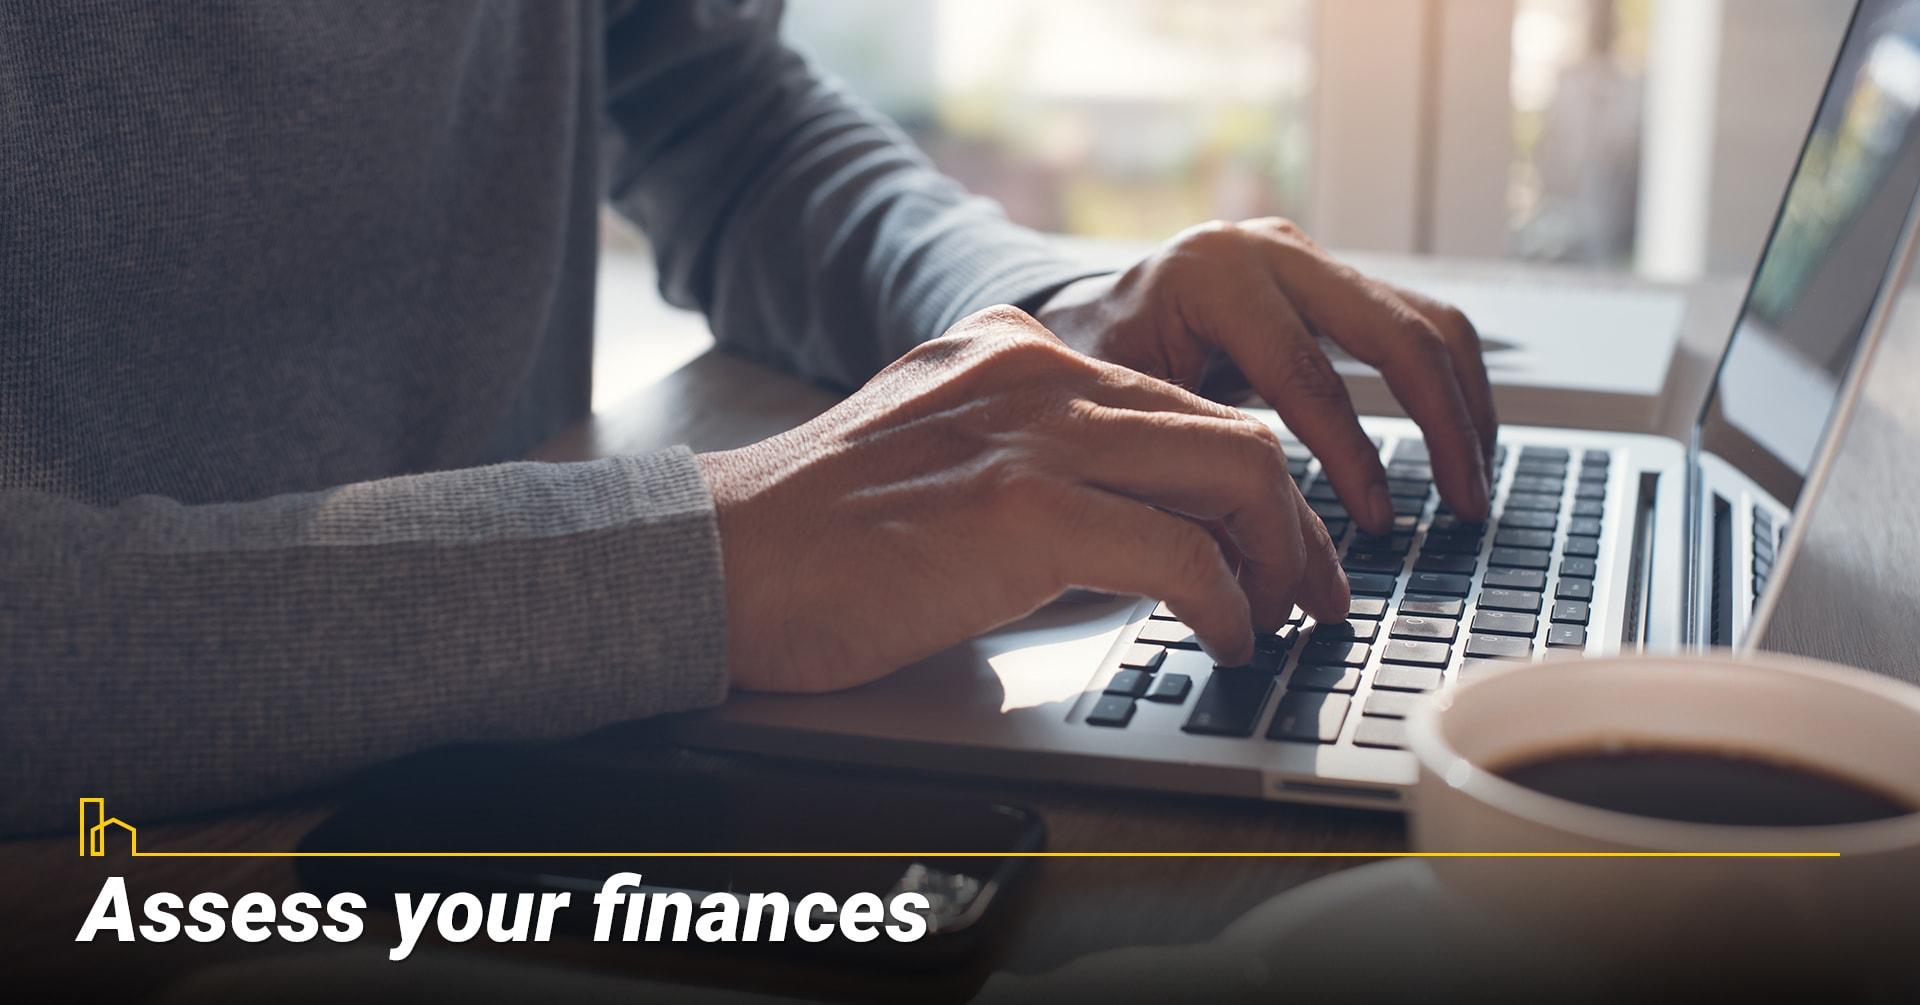 Assess your finances, review your finances